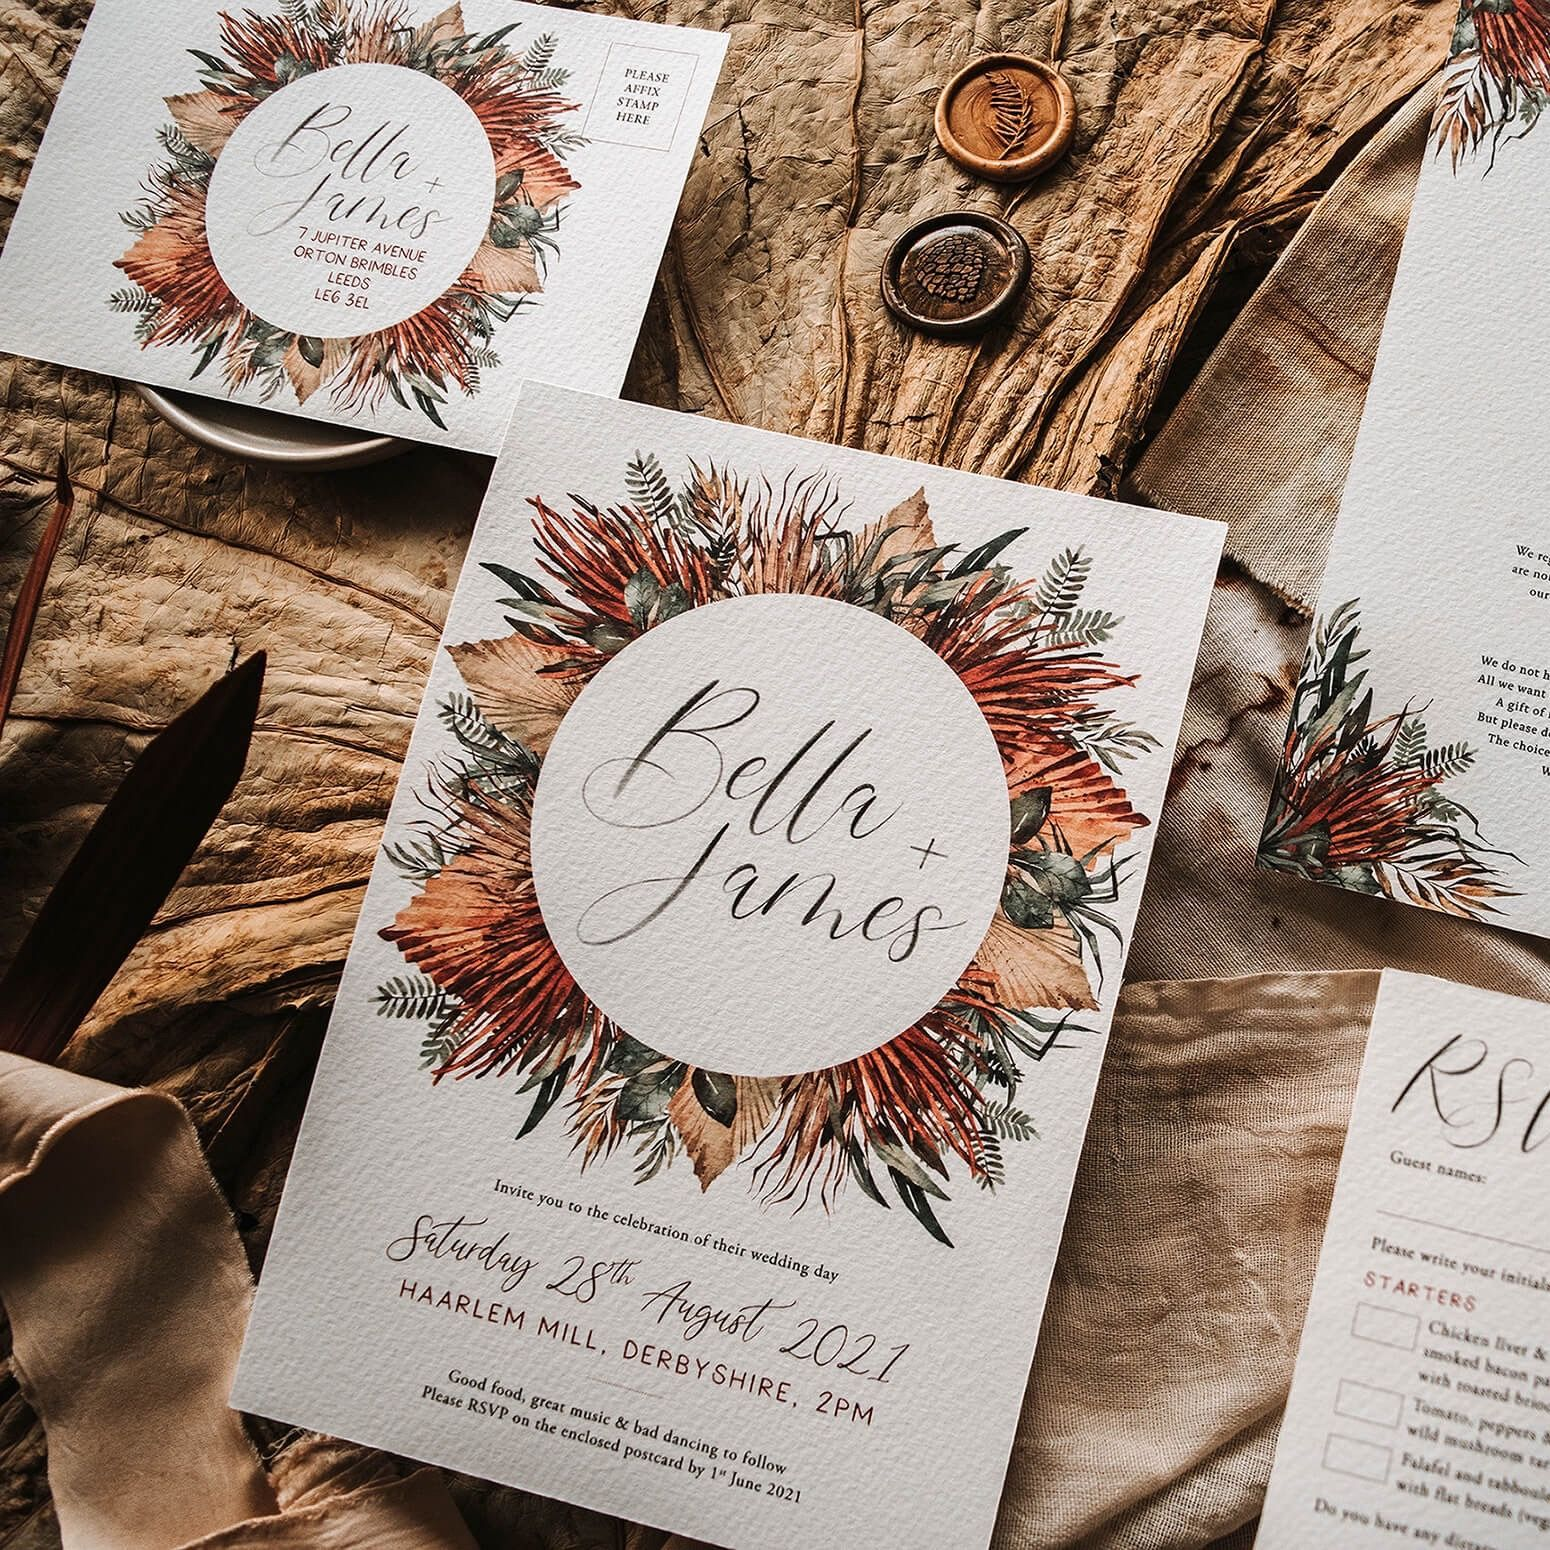 Autumn Desert Floral Boho Wedding Invites Wedding Invitations Boho Fall Wedding Invitations Wedding Invitations Rustic